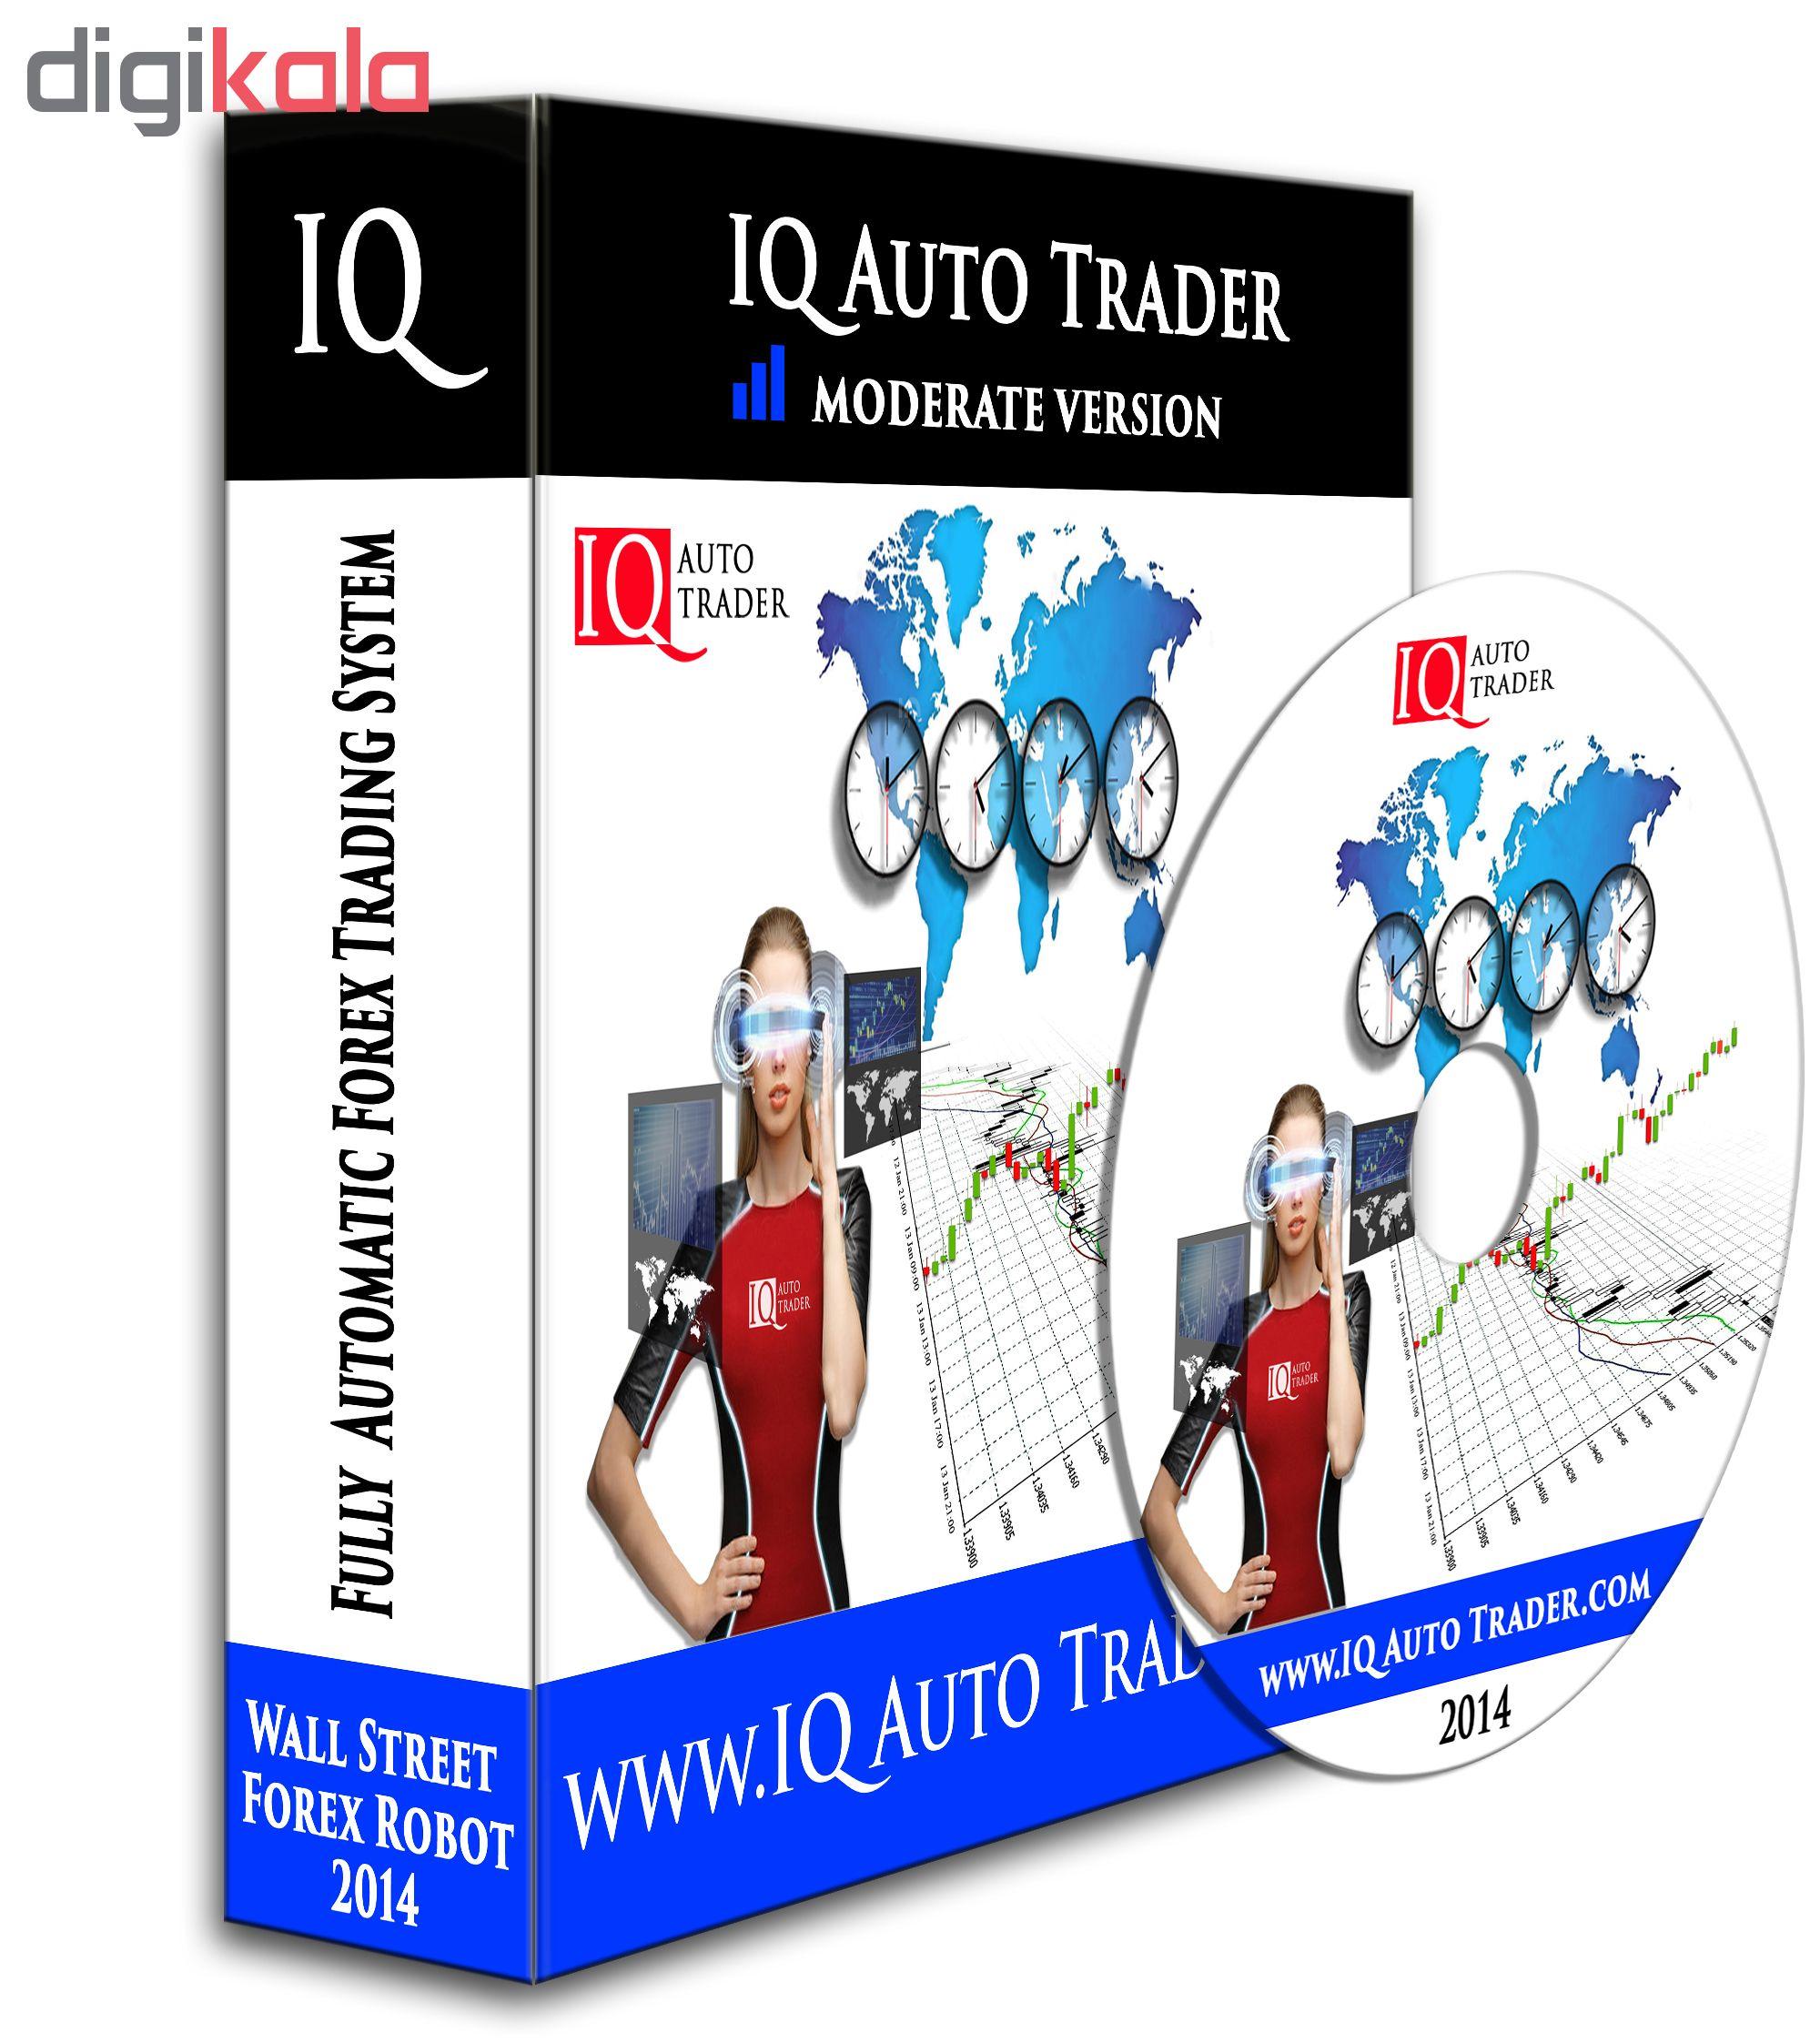 نرم افزار اتوماتیک نسخه معاملات ارزی سری IQ MODERATE شرکت آی کیو اتو تریدر